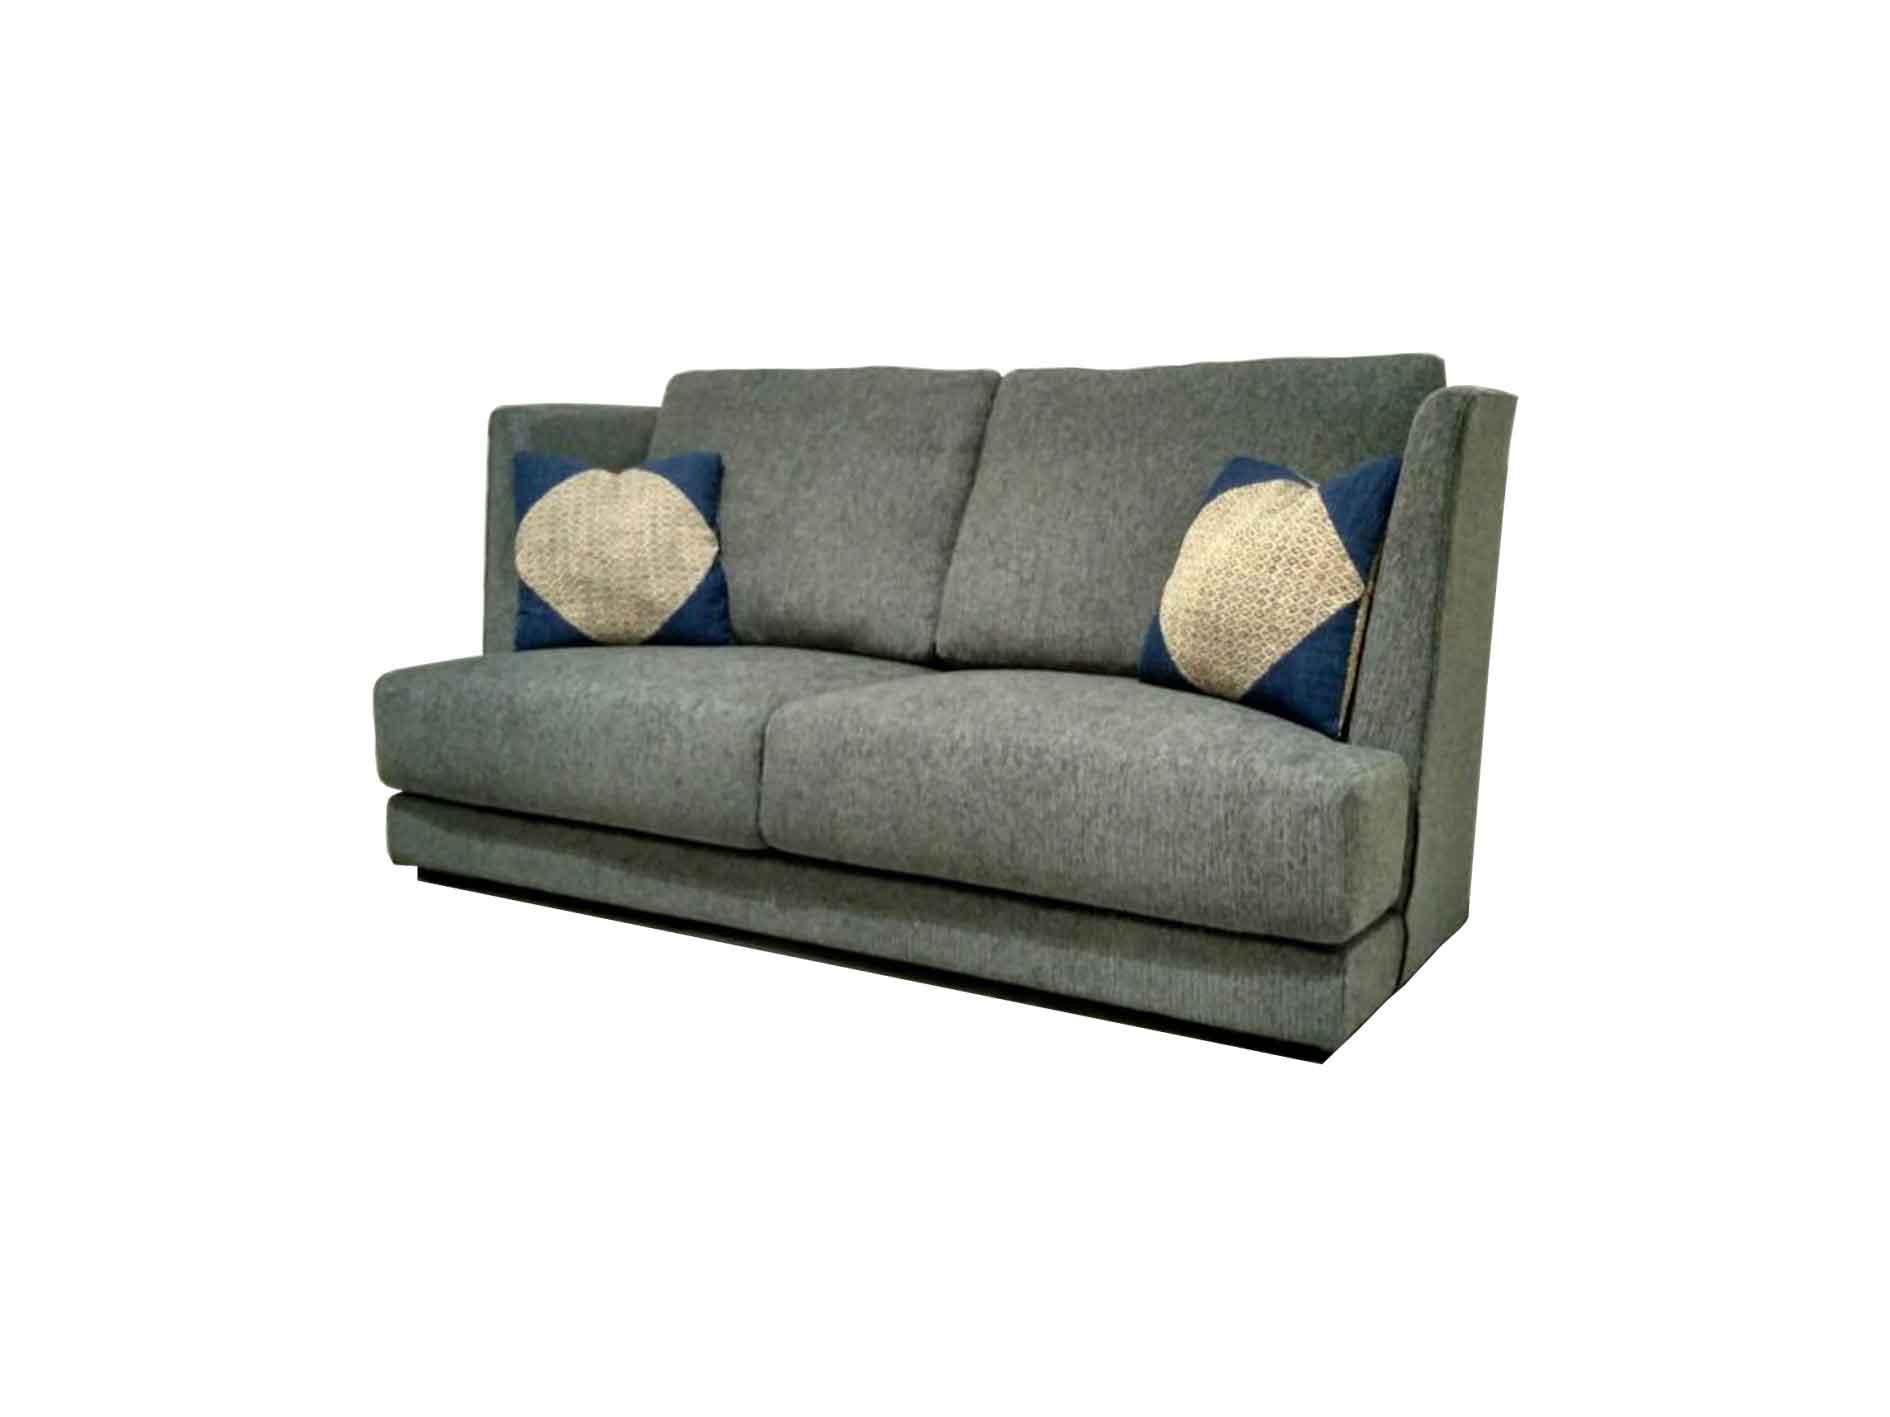 Valerio Designer Italian Fabric Sofa – Amore – 3 Seater fabric sofa (2.06M)